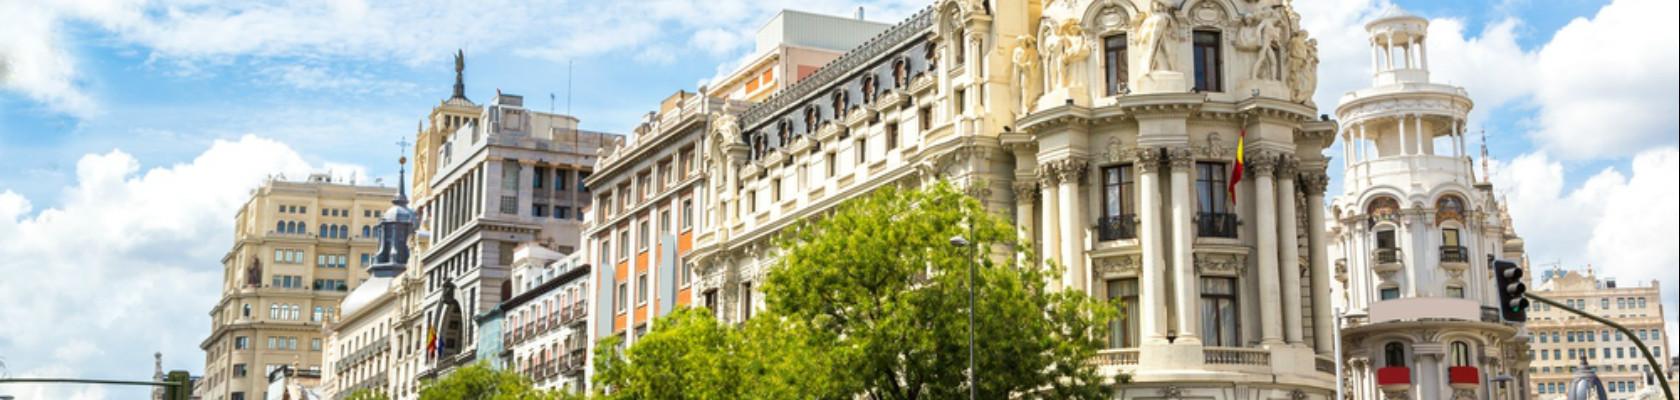 MADRID 5 DANA AVIONOM